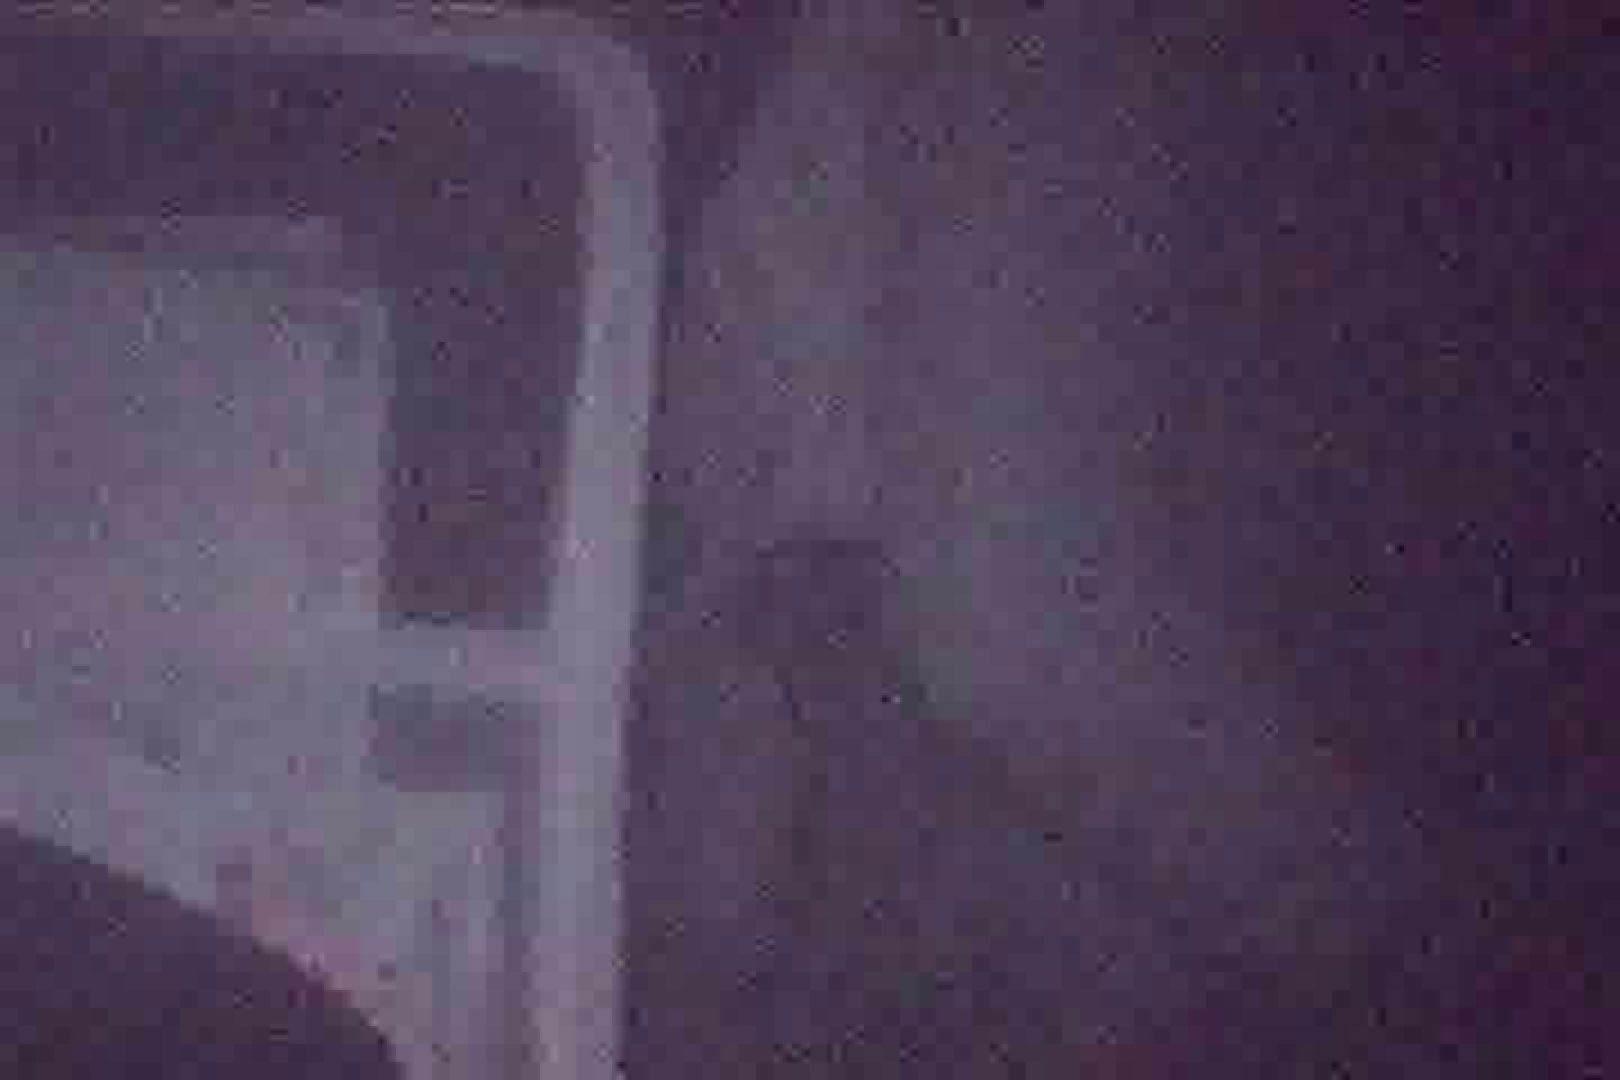 充血監督の深夜の運動会Vol.115 OLエロ画像 | 0  77PICs 41